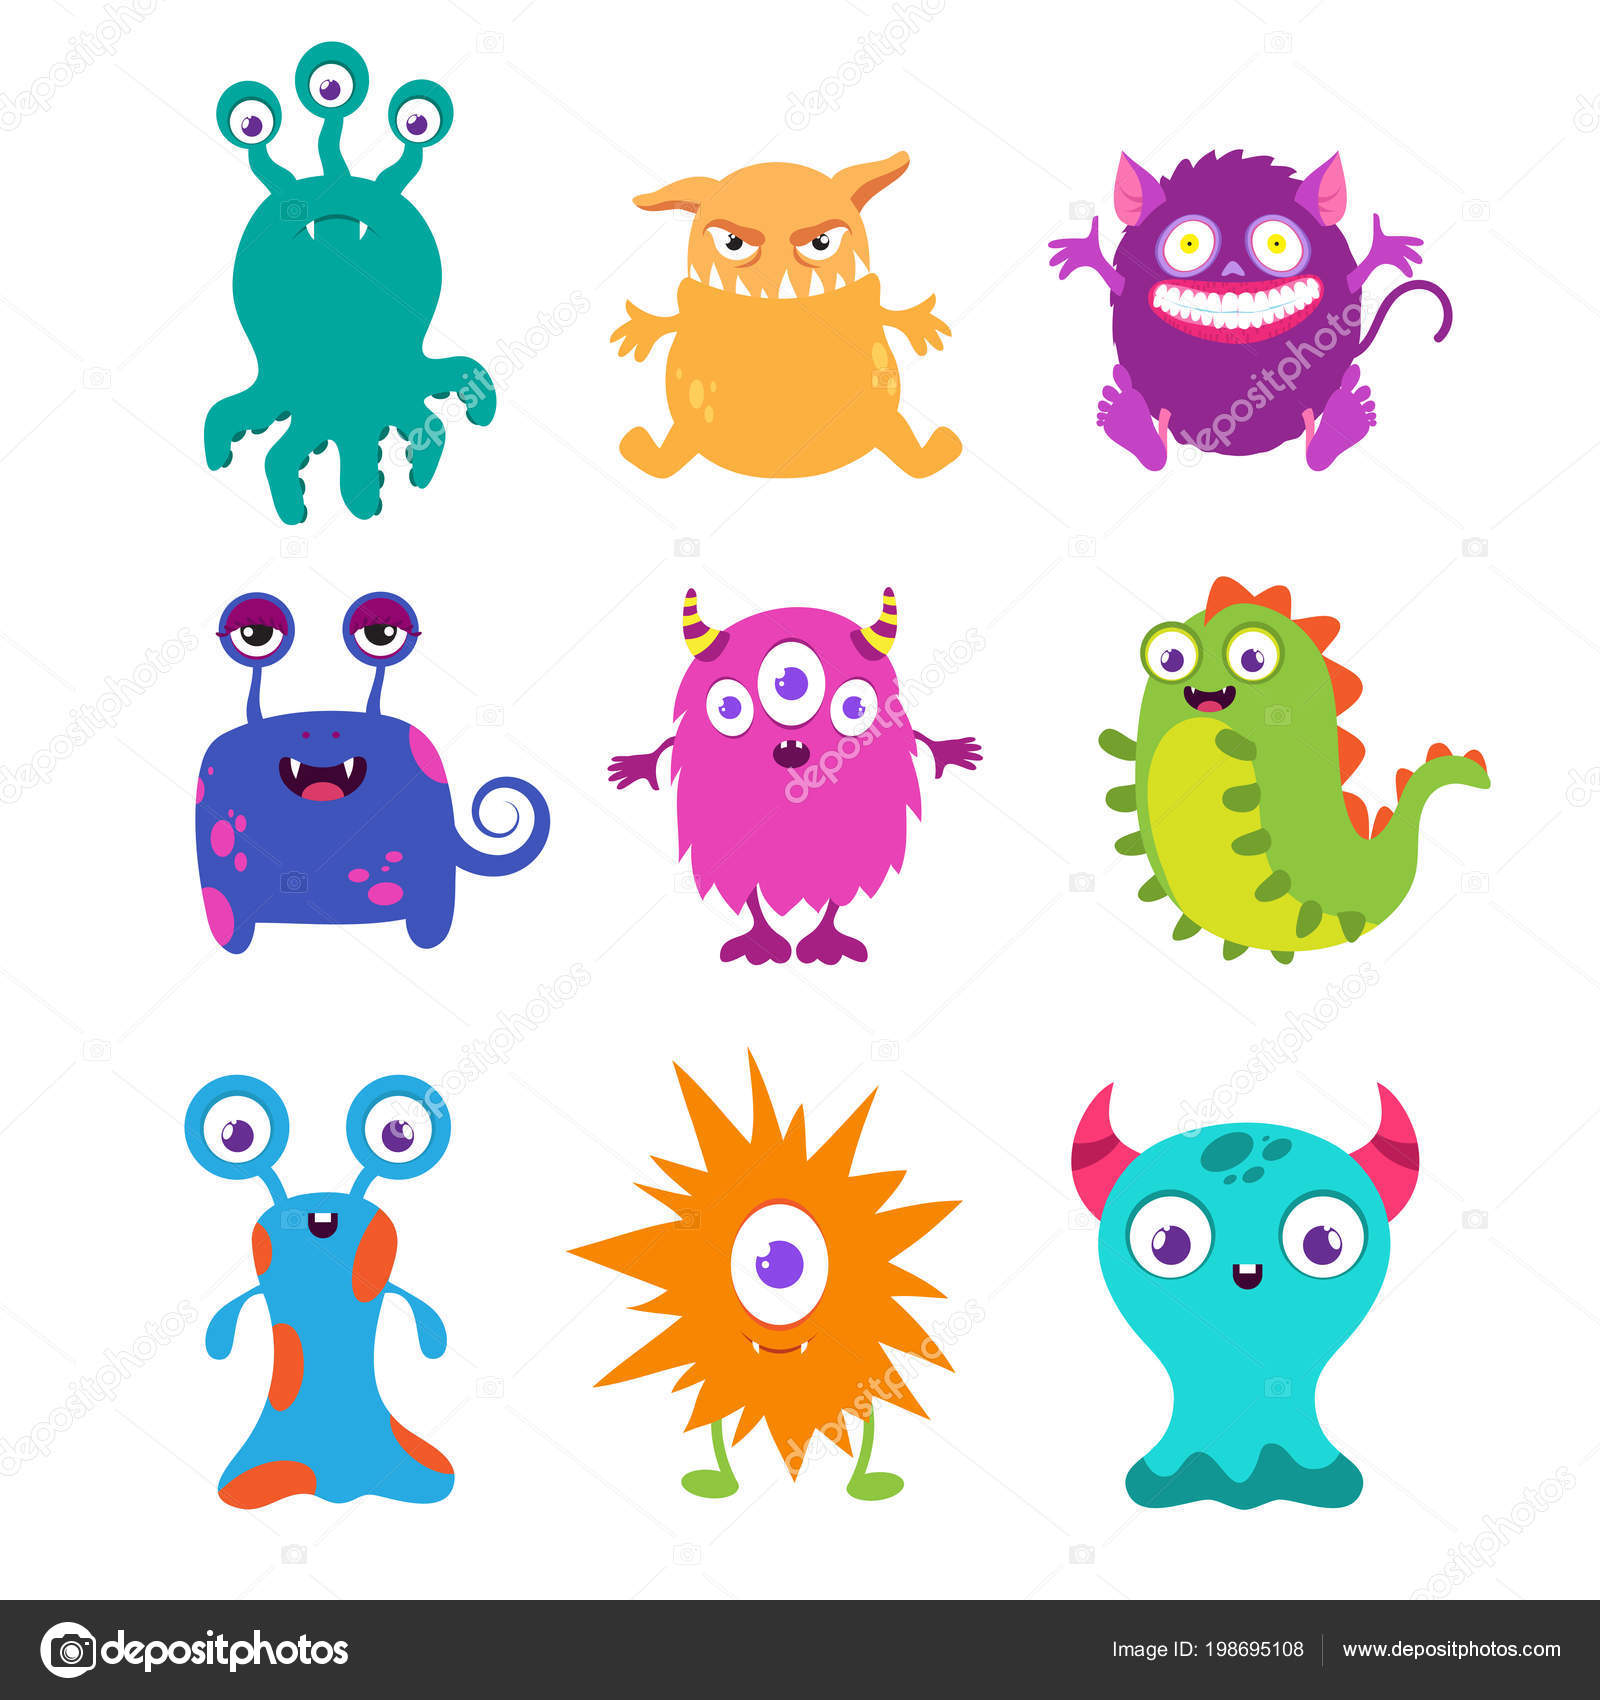 Vecteur de monstres rigolos dessin anim pour la - Images de monstres rigolos ...